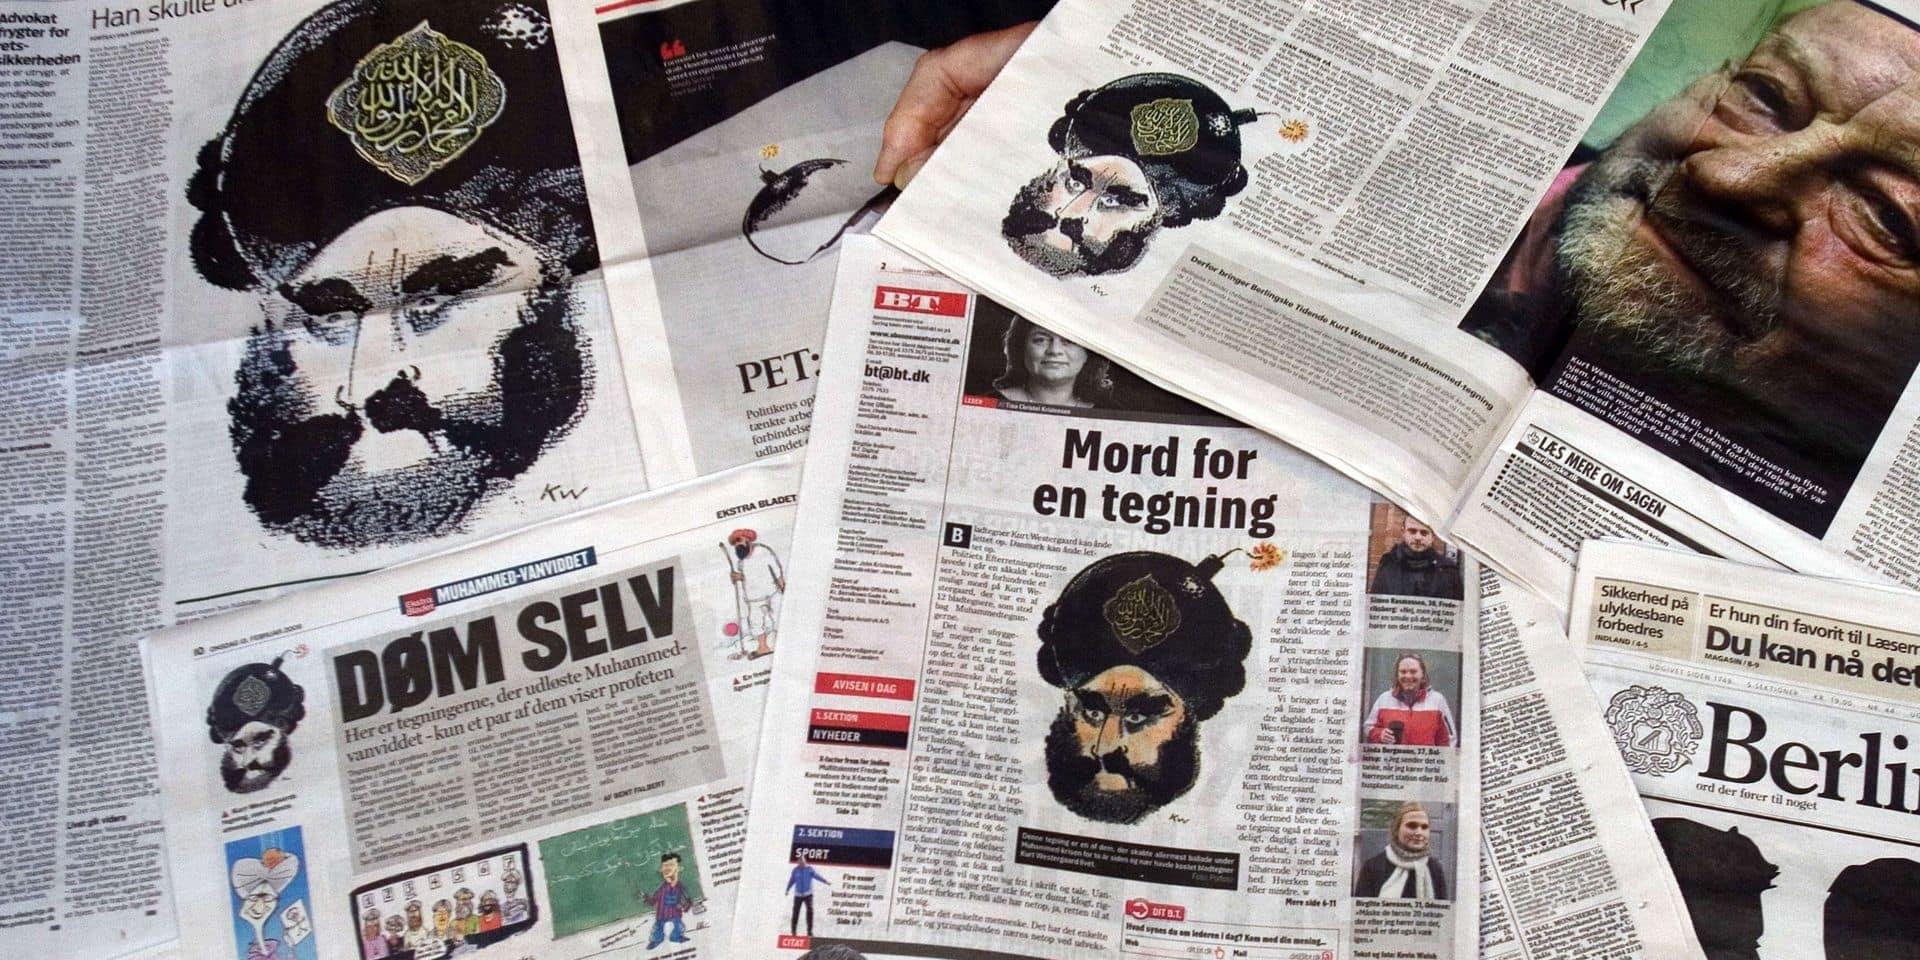 """Au quotidien danois """"Jyllands-Posten"""", la sécurité des journalistes prime désormais: """"Nous y perdons une part de notre liberté d'expression"""""""